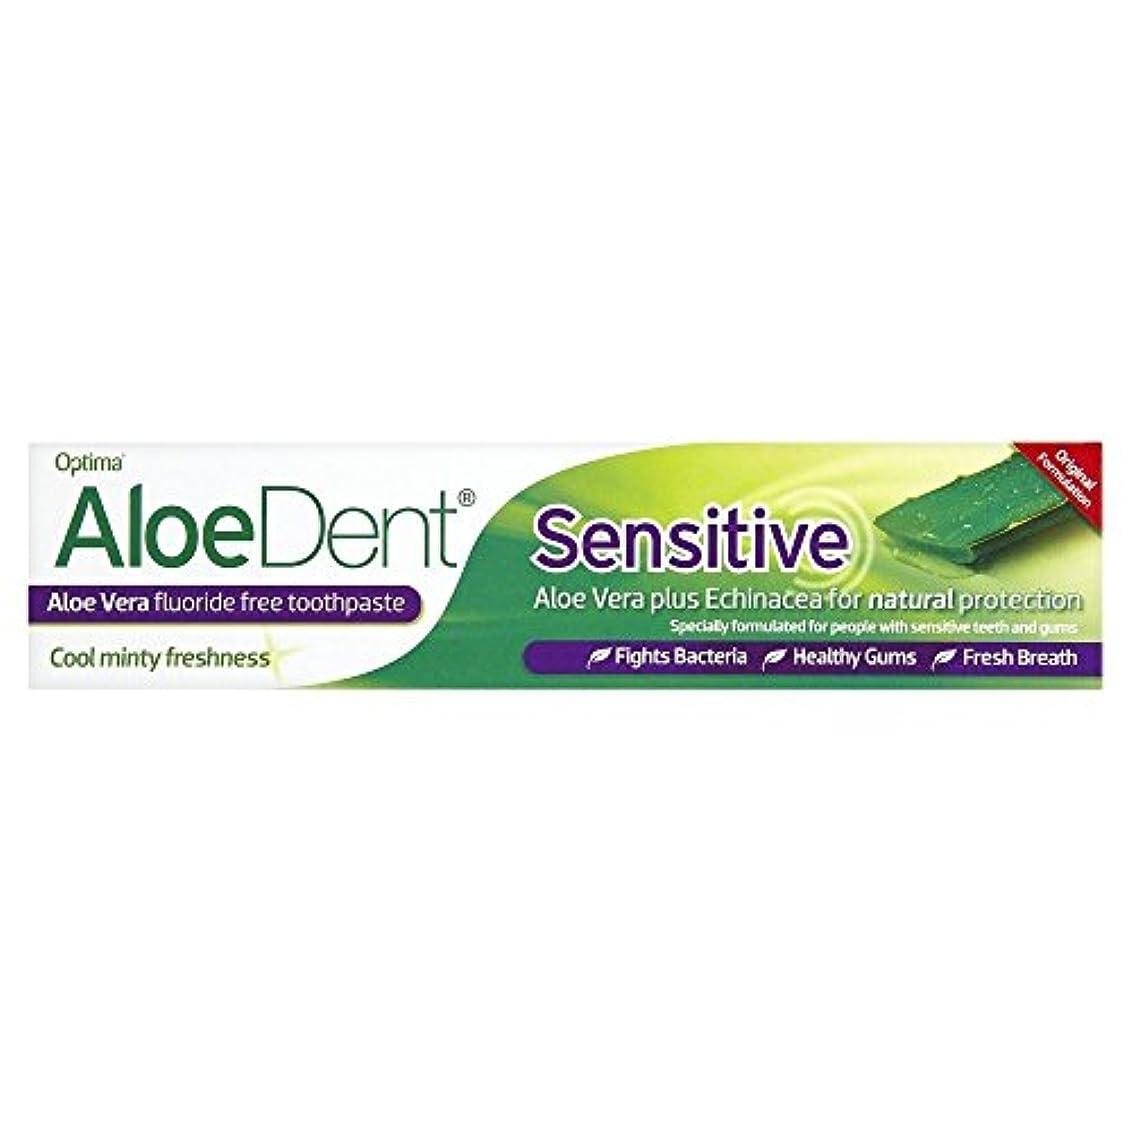 バングカップカナダAloeDent 100 ml Sensitive Aloe Vera Fluoride Free Toothpaste by Aloe Dent